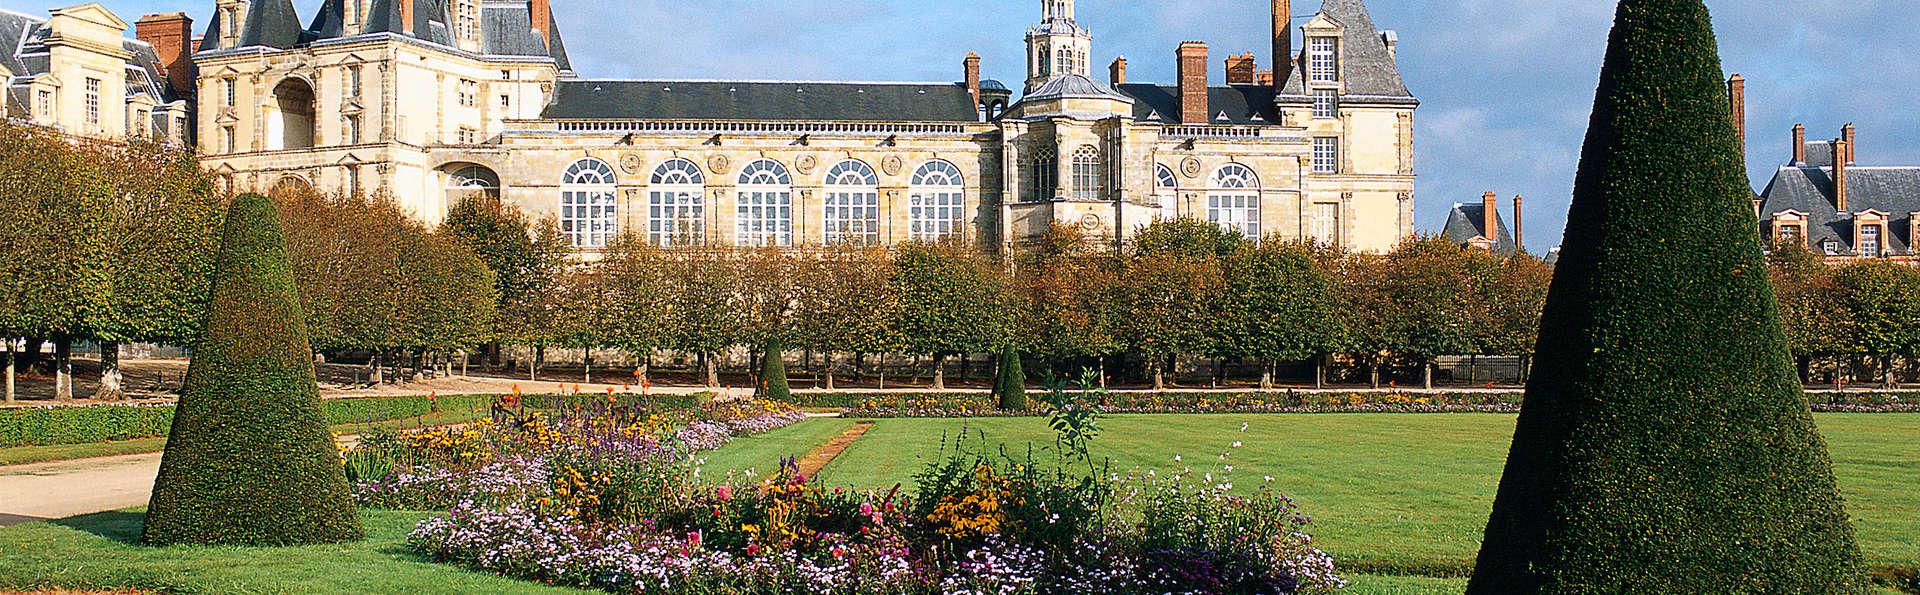 Week-end découverte du château de Fontainebleau